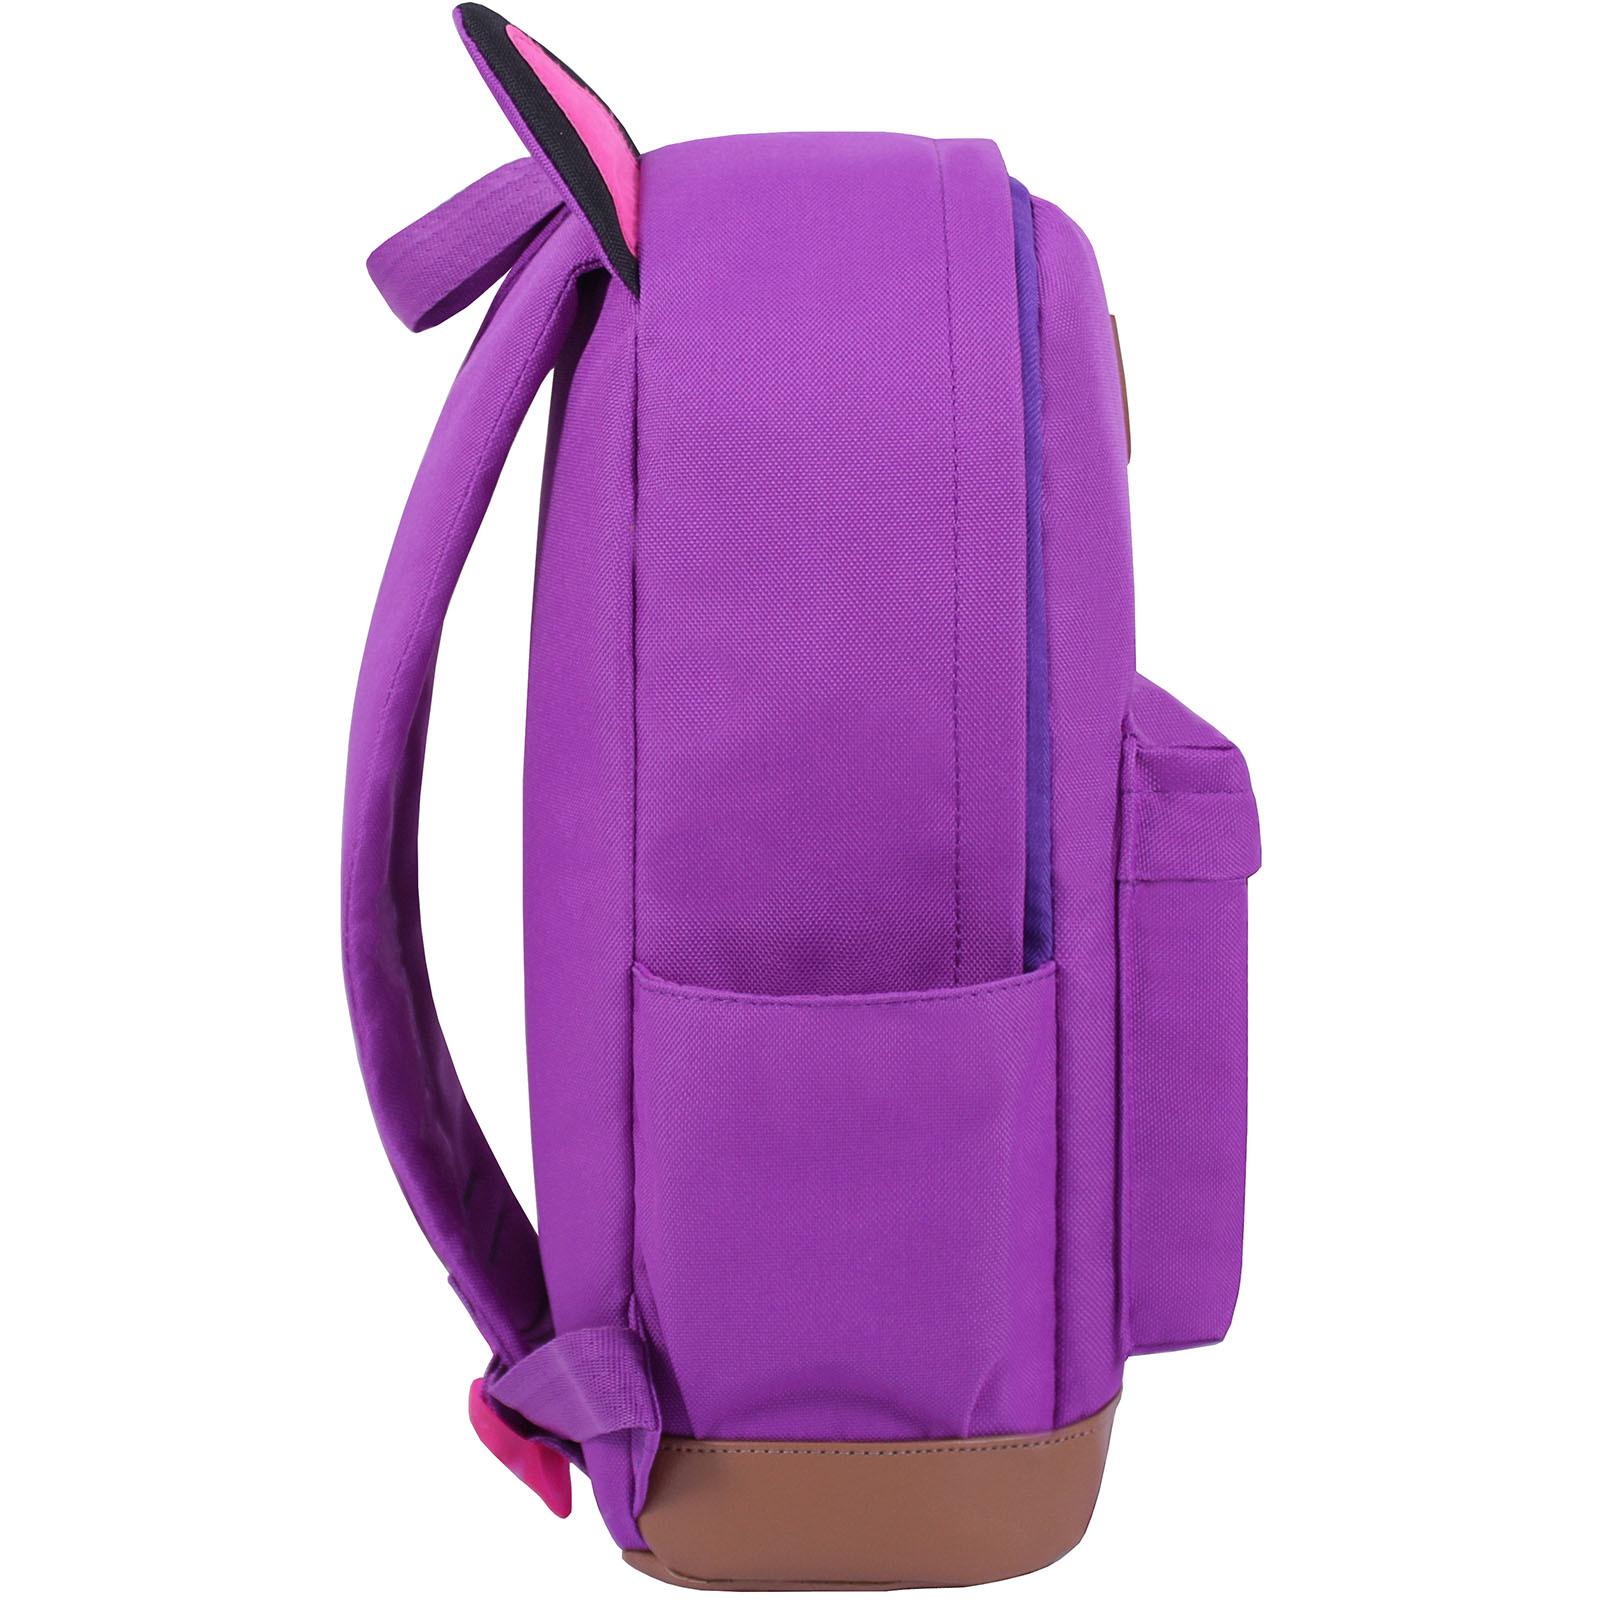 Рюкзак Bagland Ears фиолетовый (0054566) фото 2